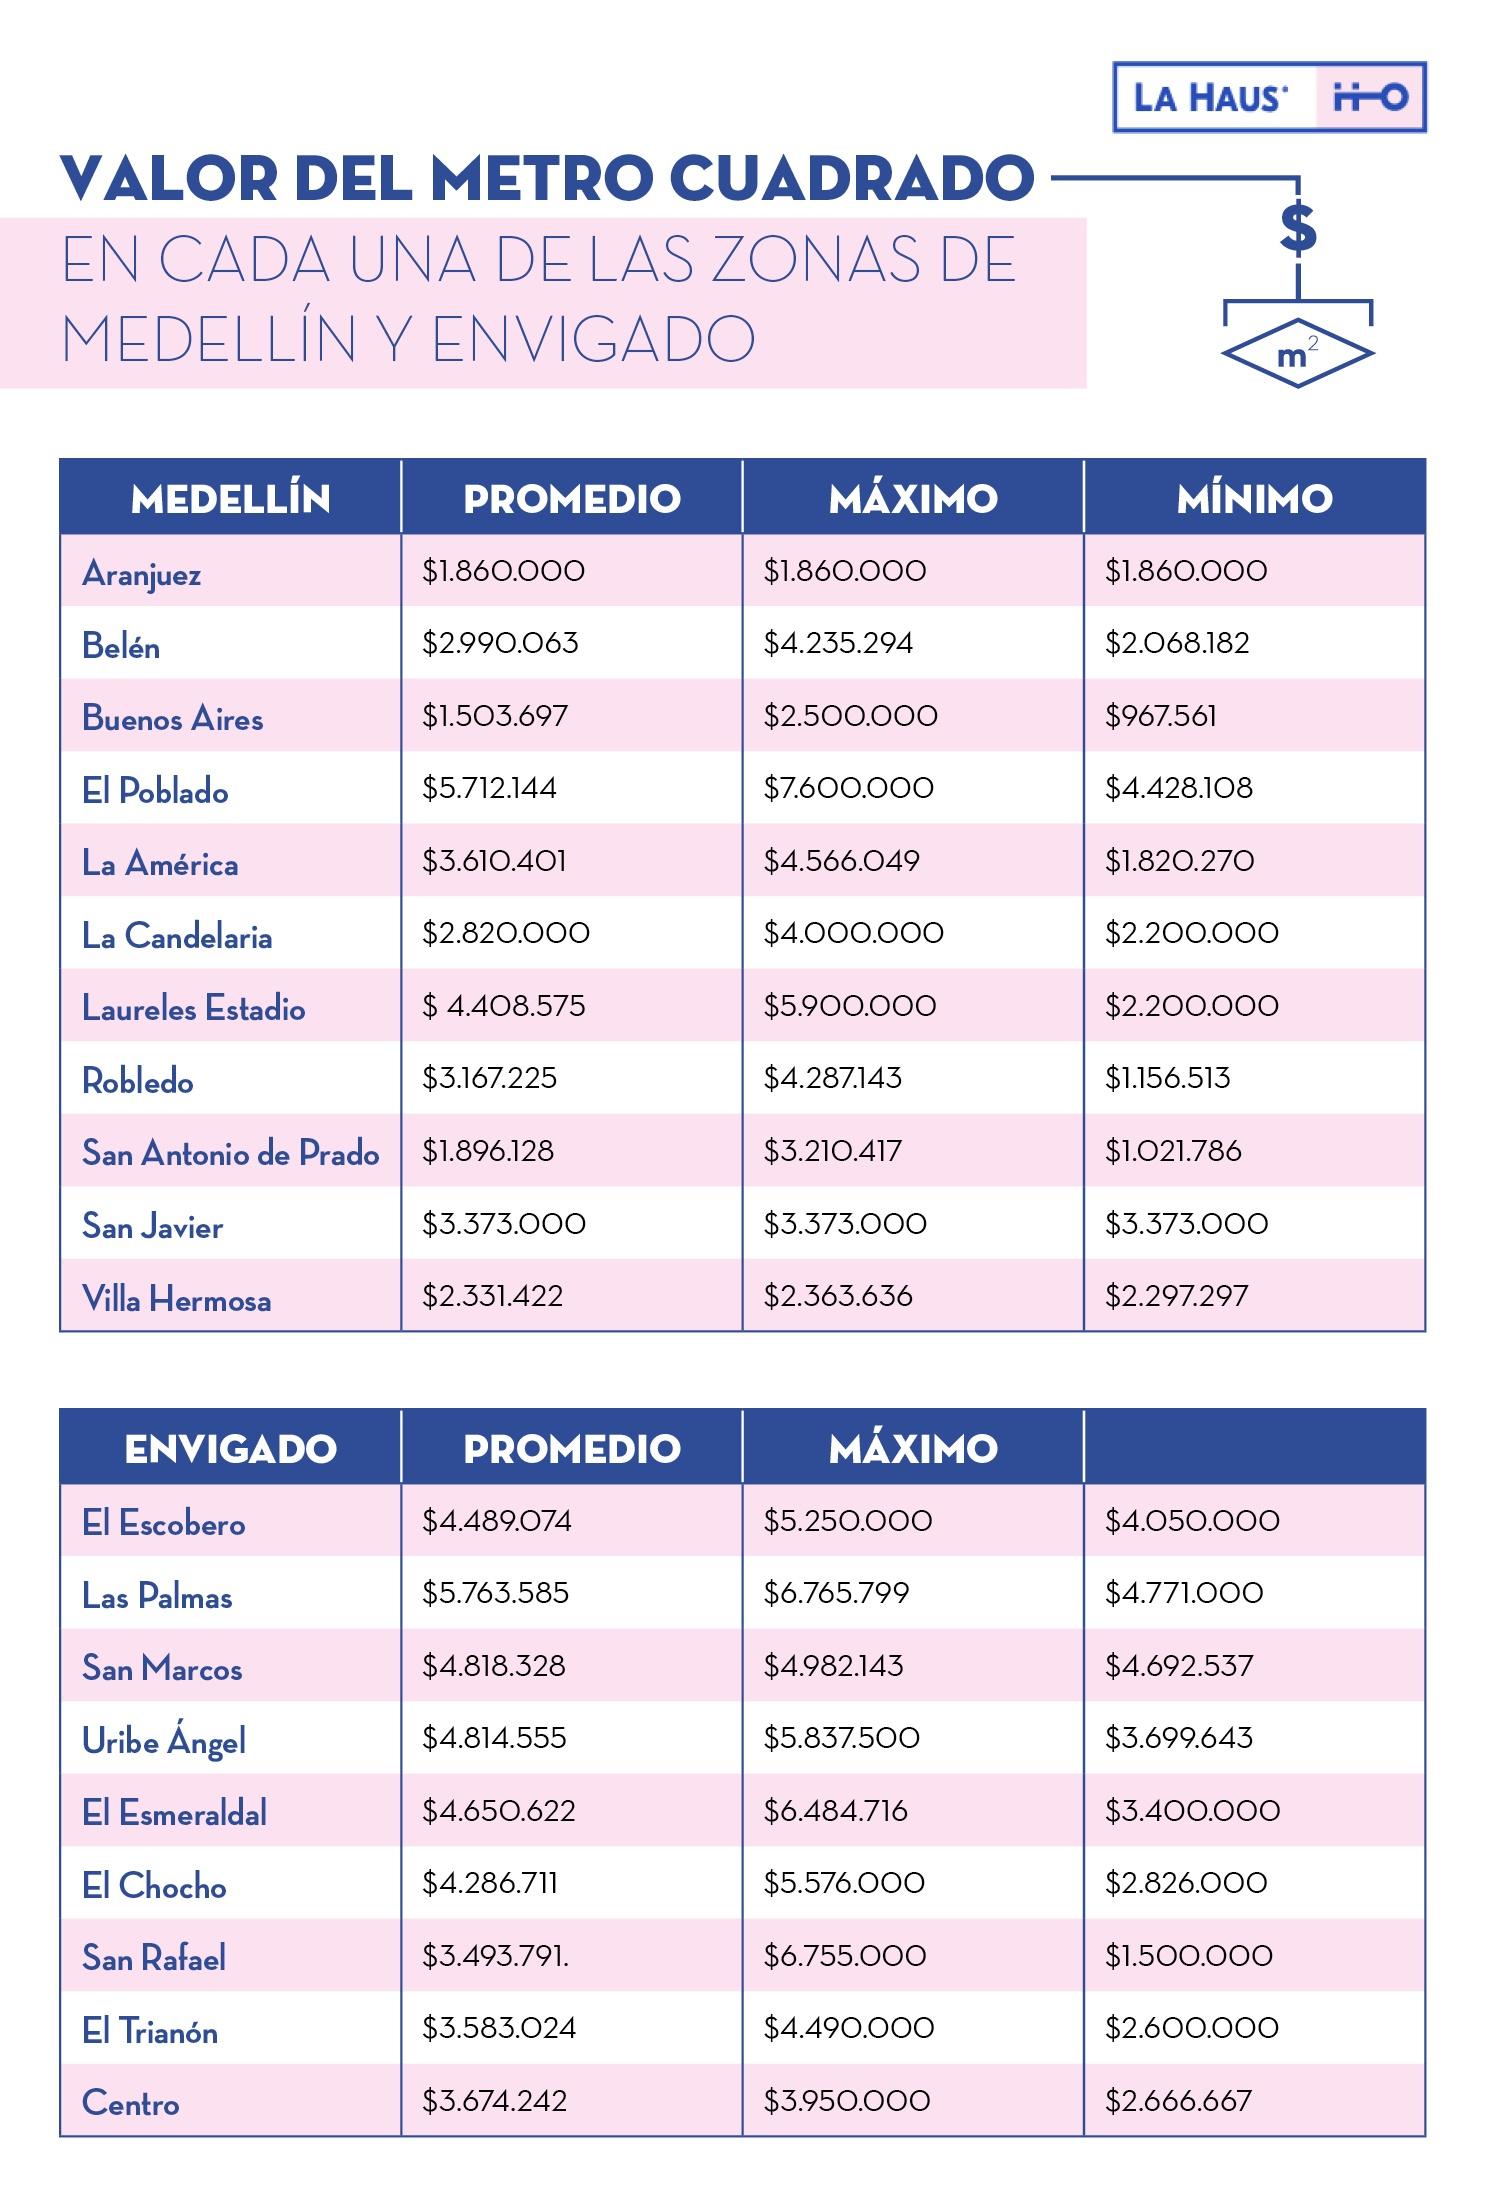 Precios del metro cuadrado en medell n y envigado 2018 por for Precio reforma casa por metro cuadrado